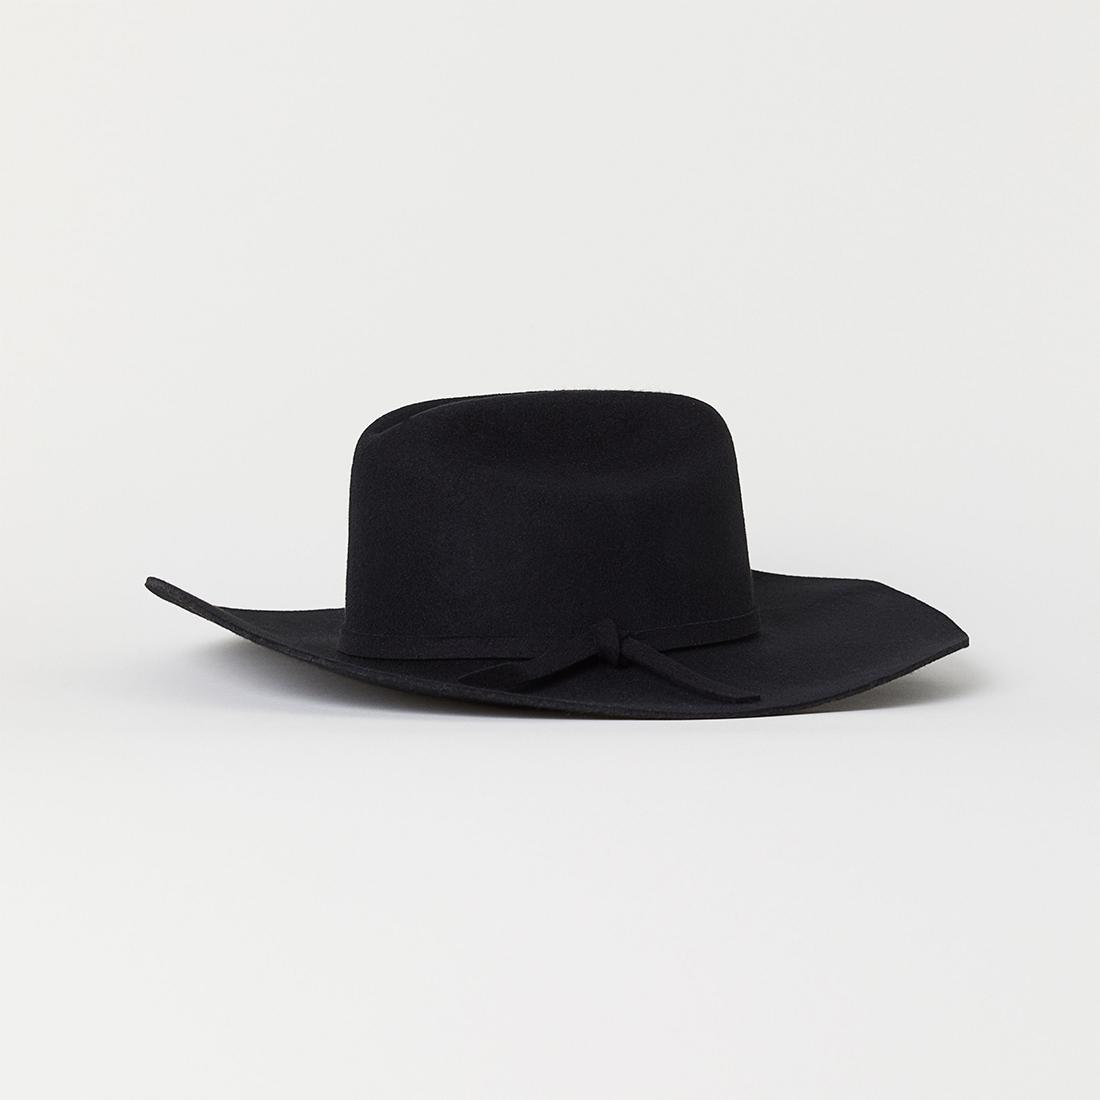 H&M, £29.99